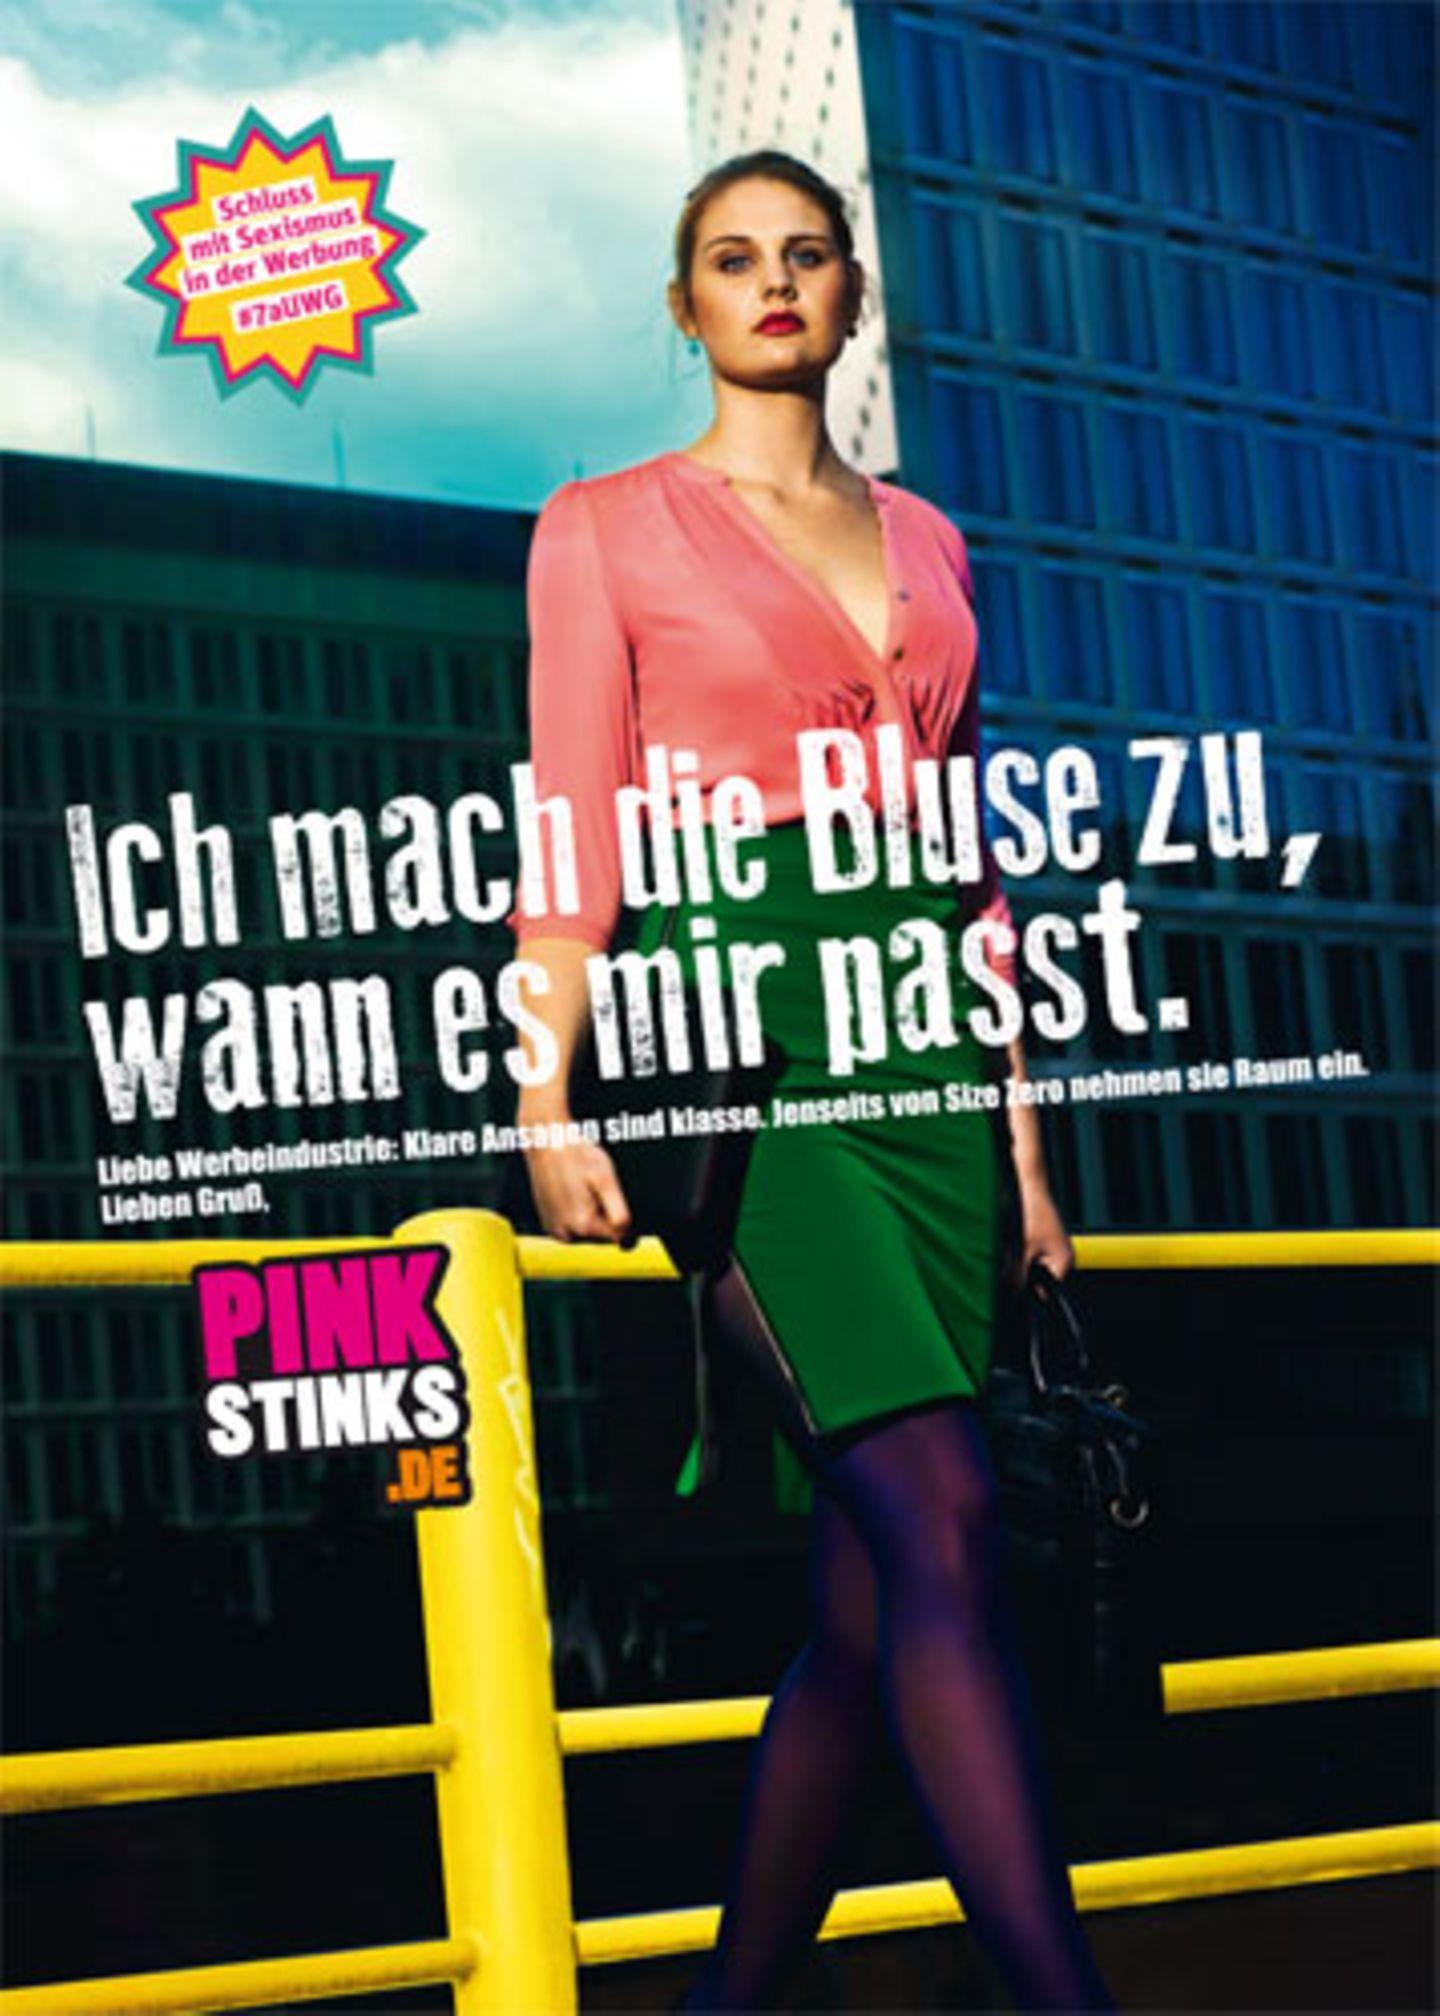 Pinkstinks-Kampagne gegen Sexismus